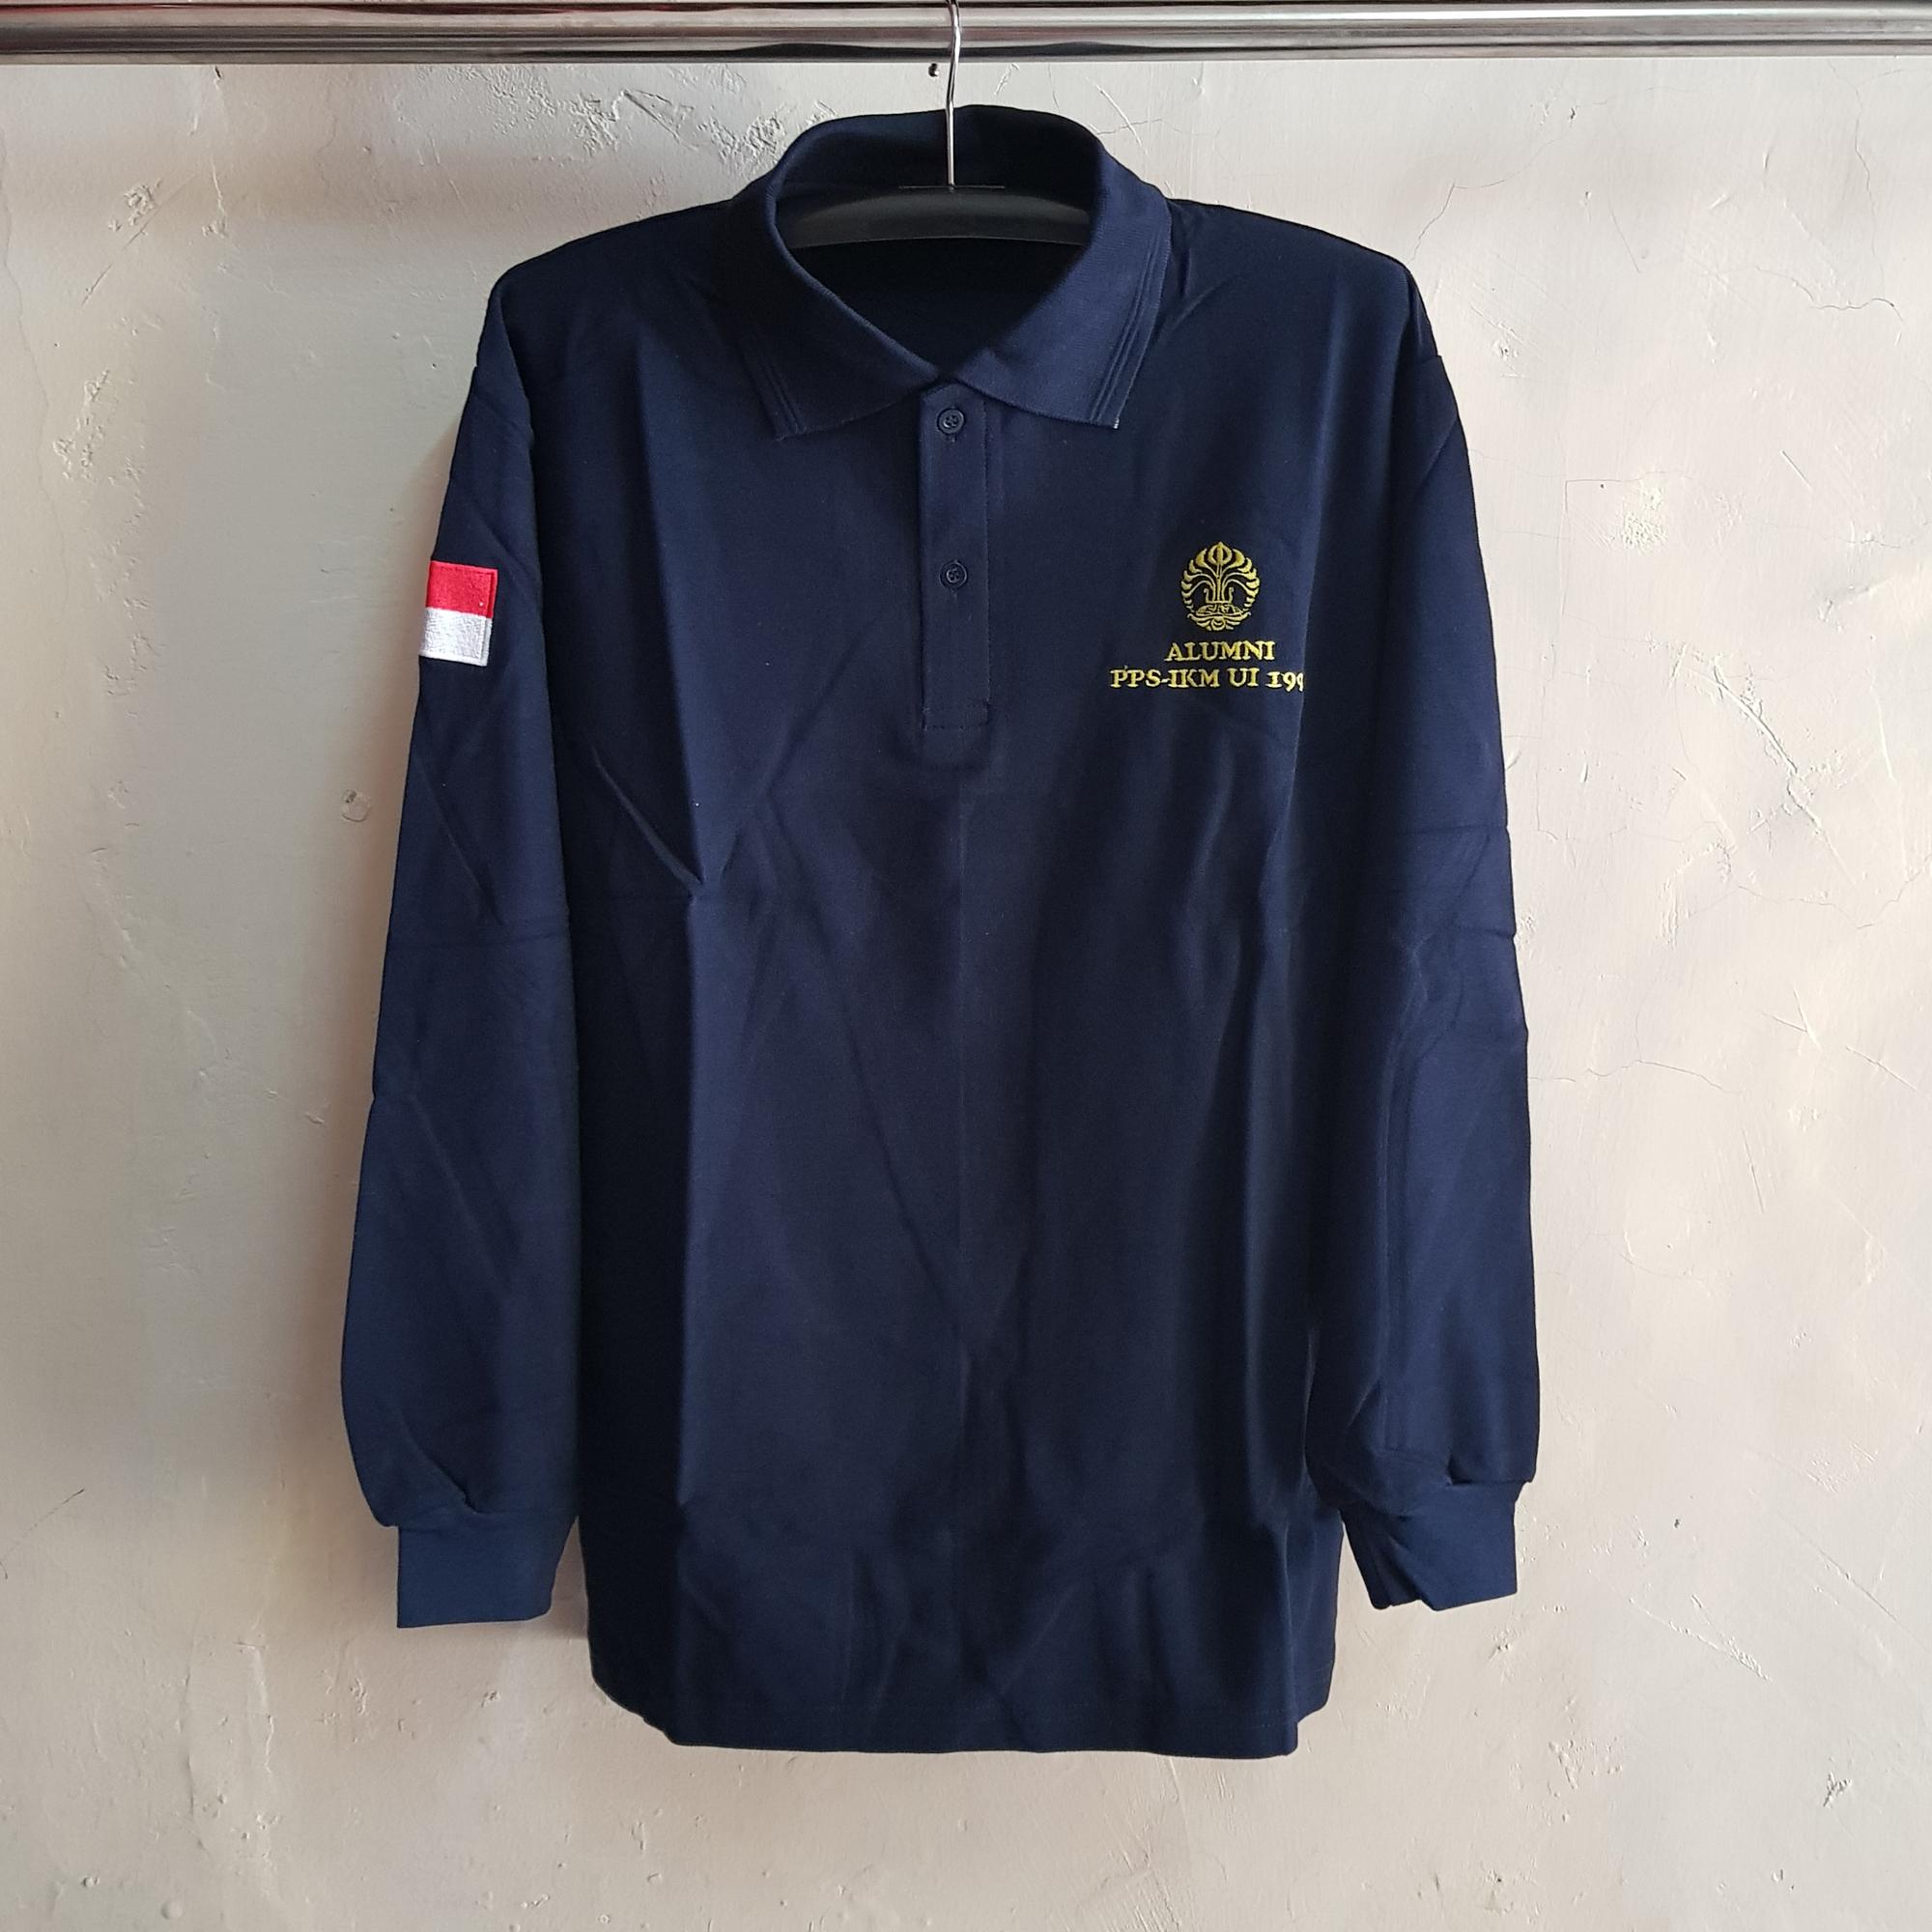 Seragam Kaos Kerah Reuni, Poloshirt UI